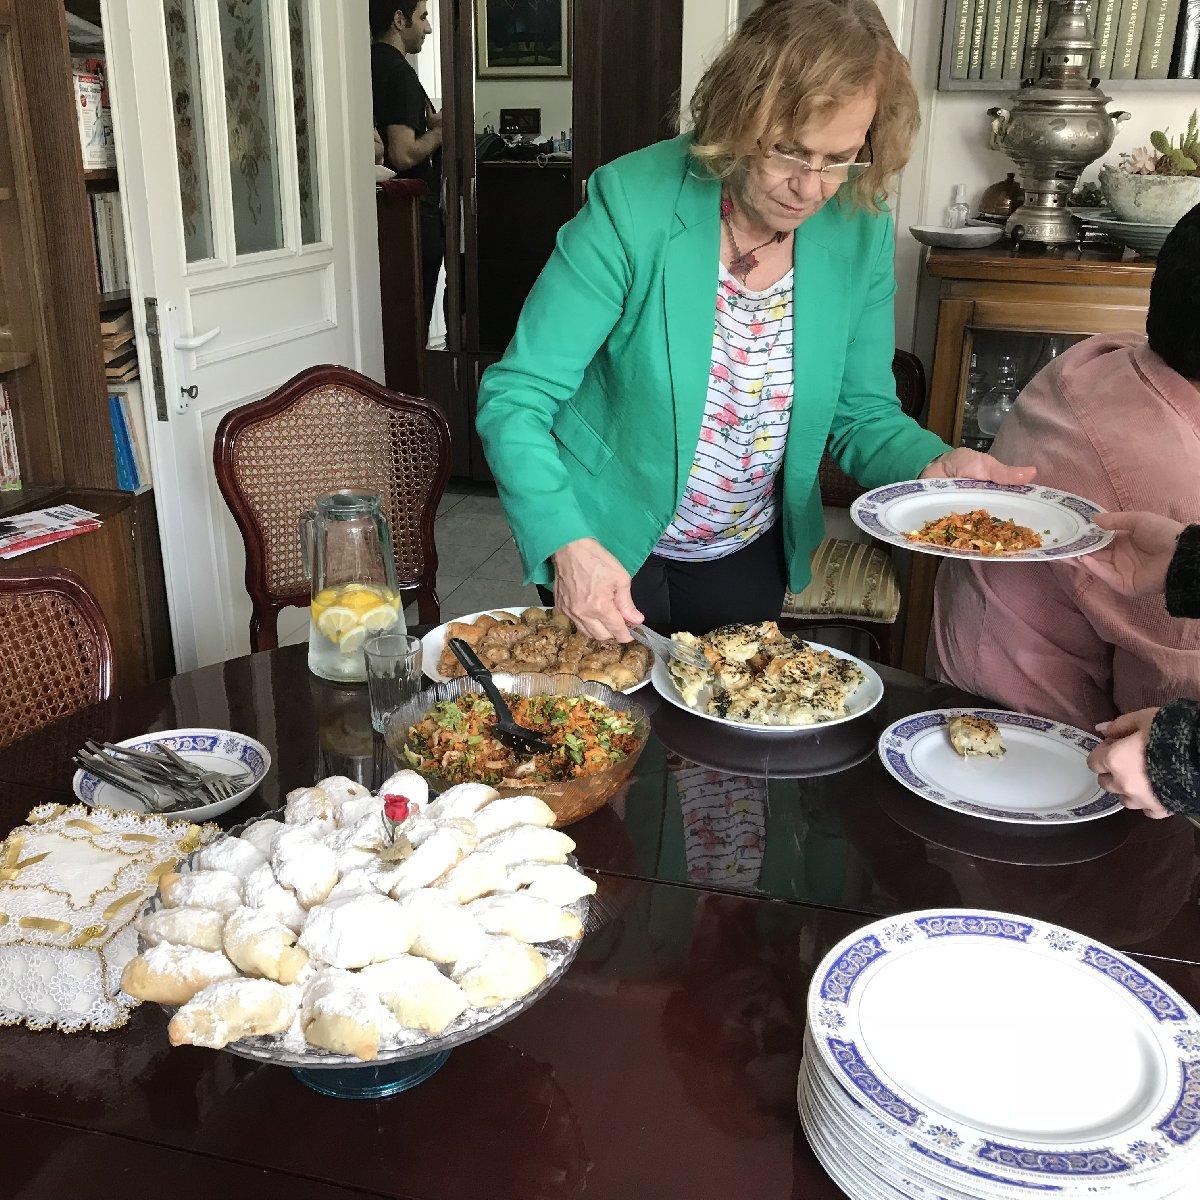 FOTO: SÖZCÜ - Şule Perinçek de kendi yiyecekleri ikramları gazetecilere ikram etti.